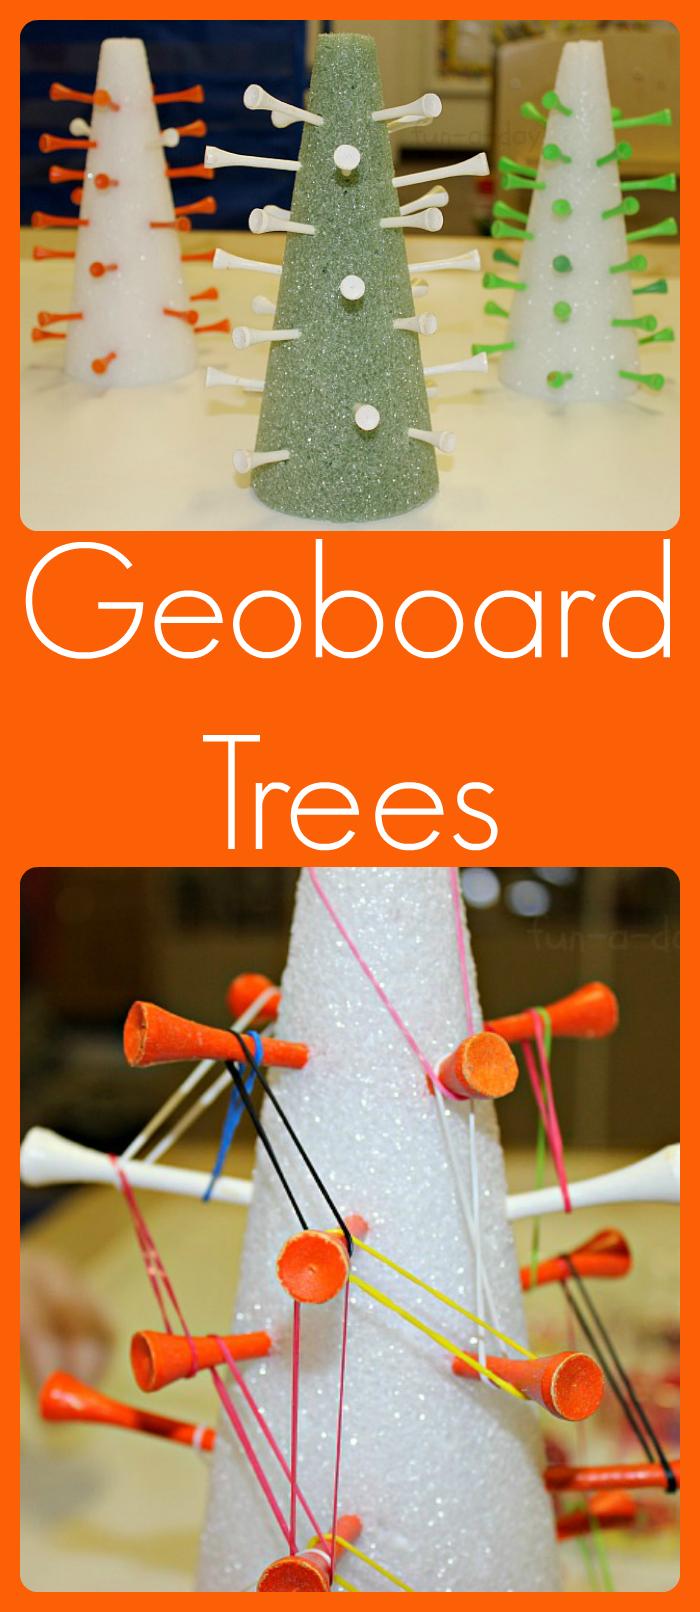 让孩子们用这些DIY泡沫土豆树探索数学和精细运动技能!一个有趣的,季节性的方式让孩子们创造和探索重要的概念。